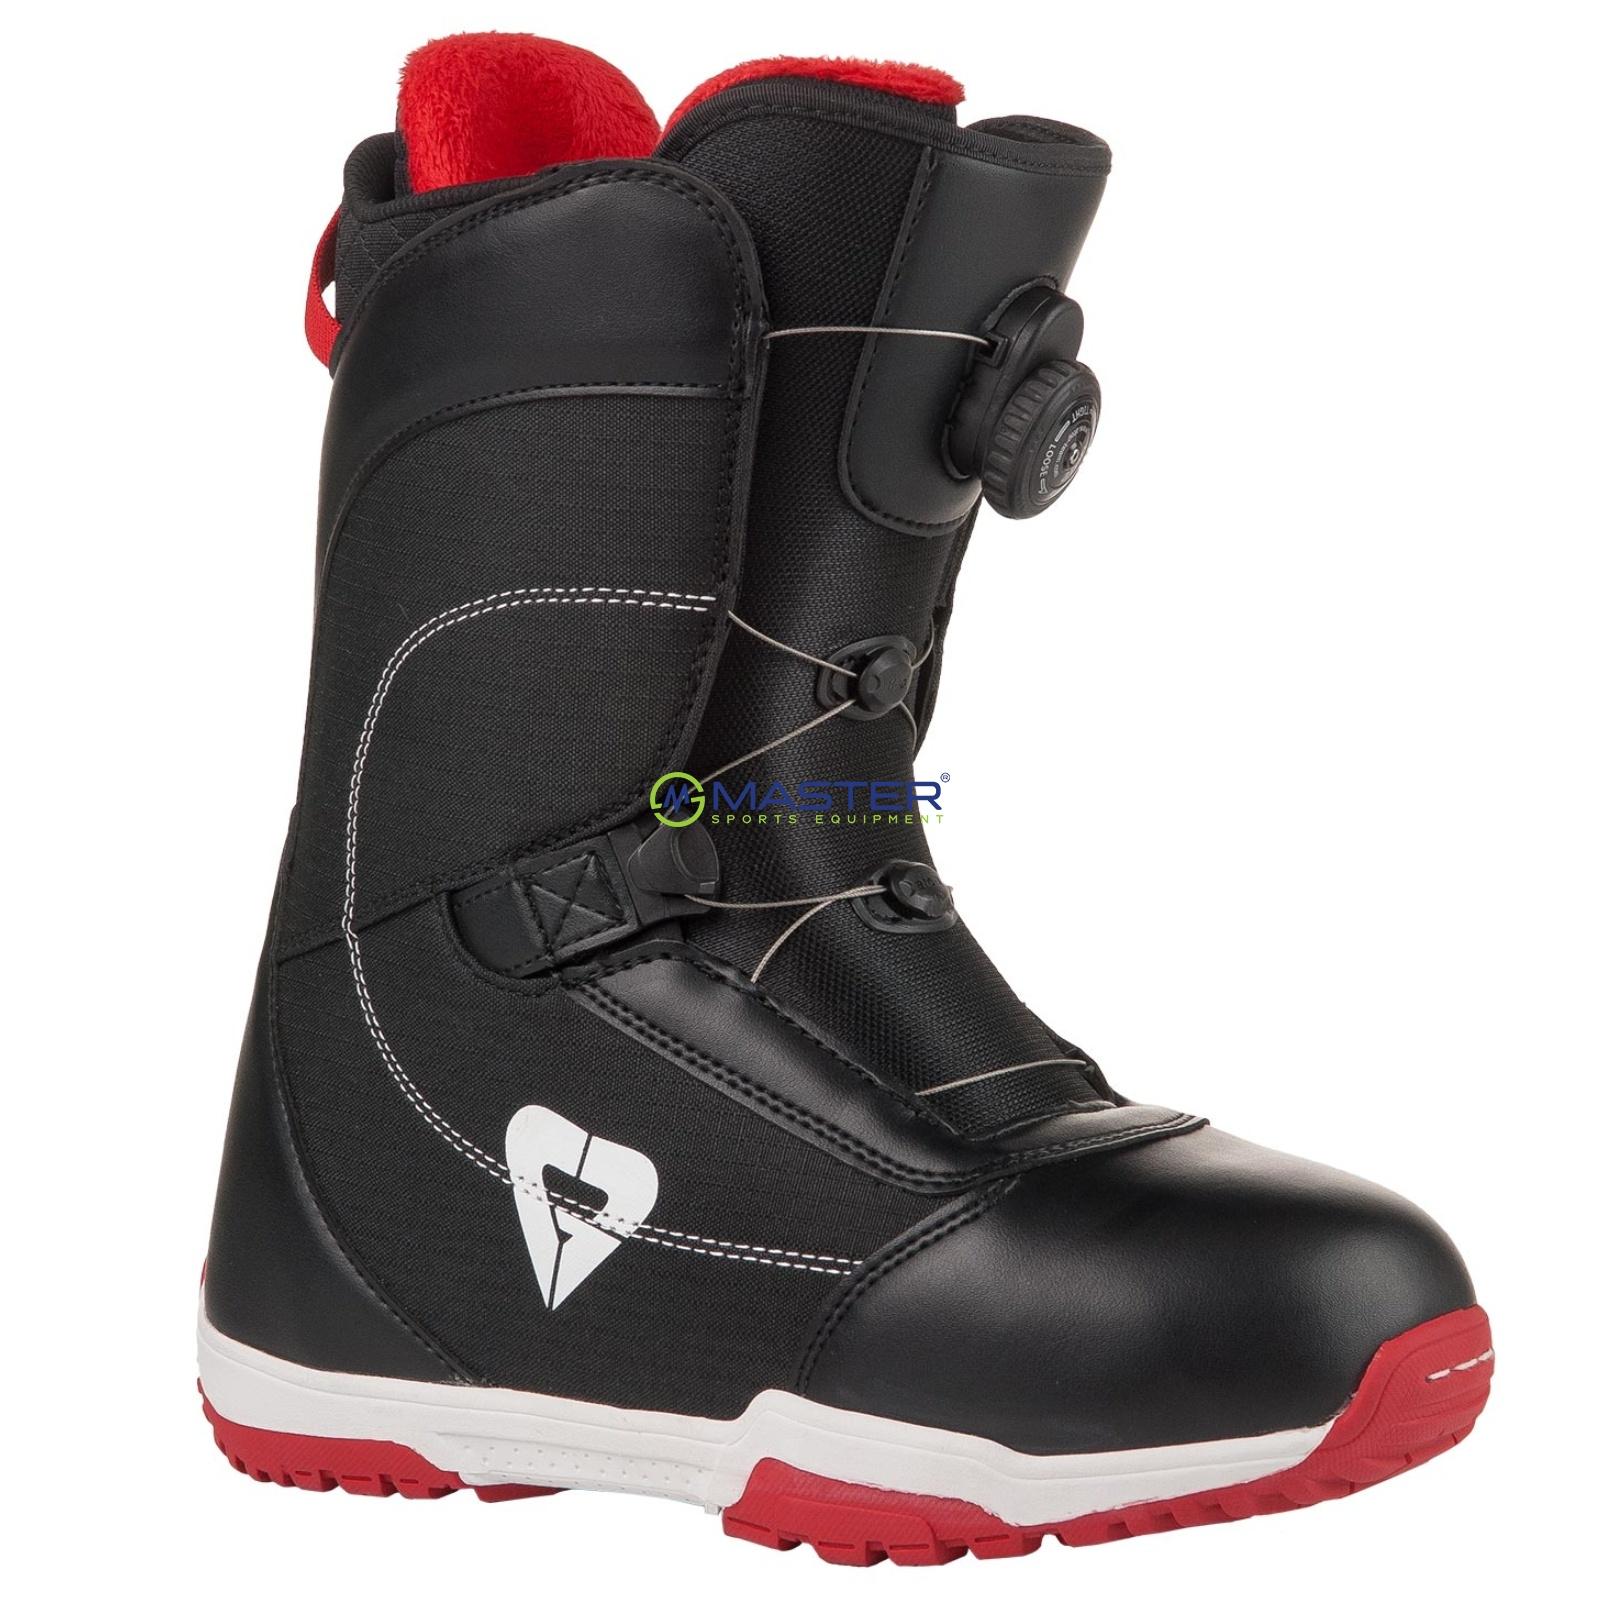 03e82057c Topánky na snowboard GRAVITY Aura Atop dámske - veľ. 40 ...